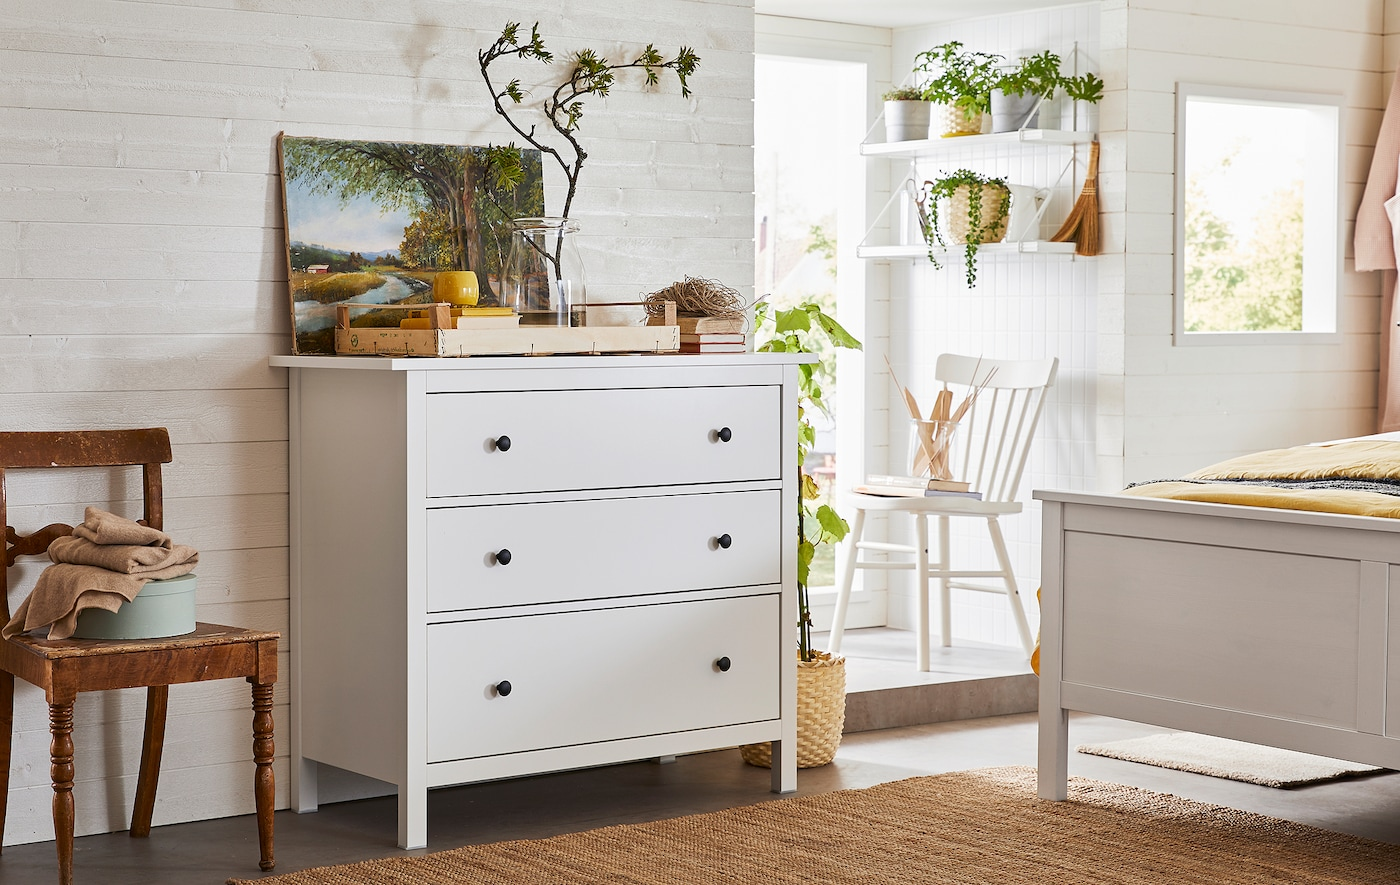 Interior arejado de um quarto, no qual sobressaem diferentes objetos em madeira e plantas, com uma cómoda de três gavetas junto aos pés da cama.